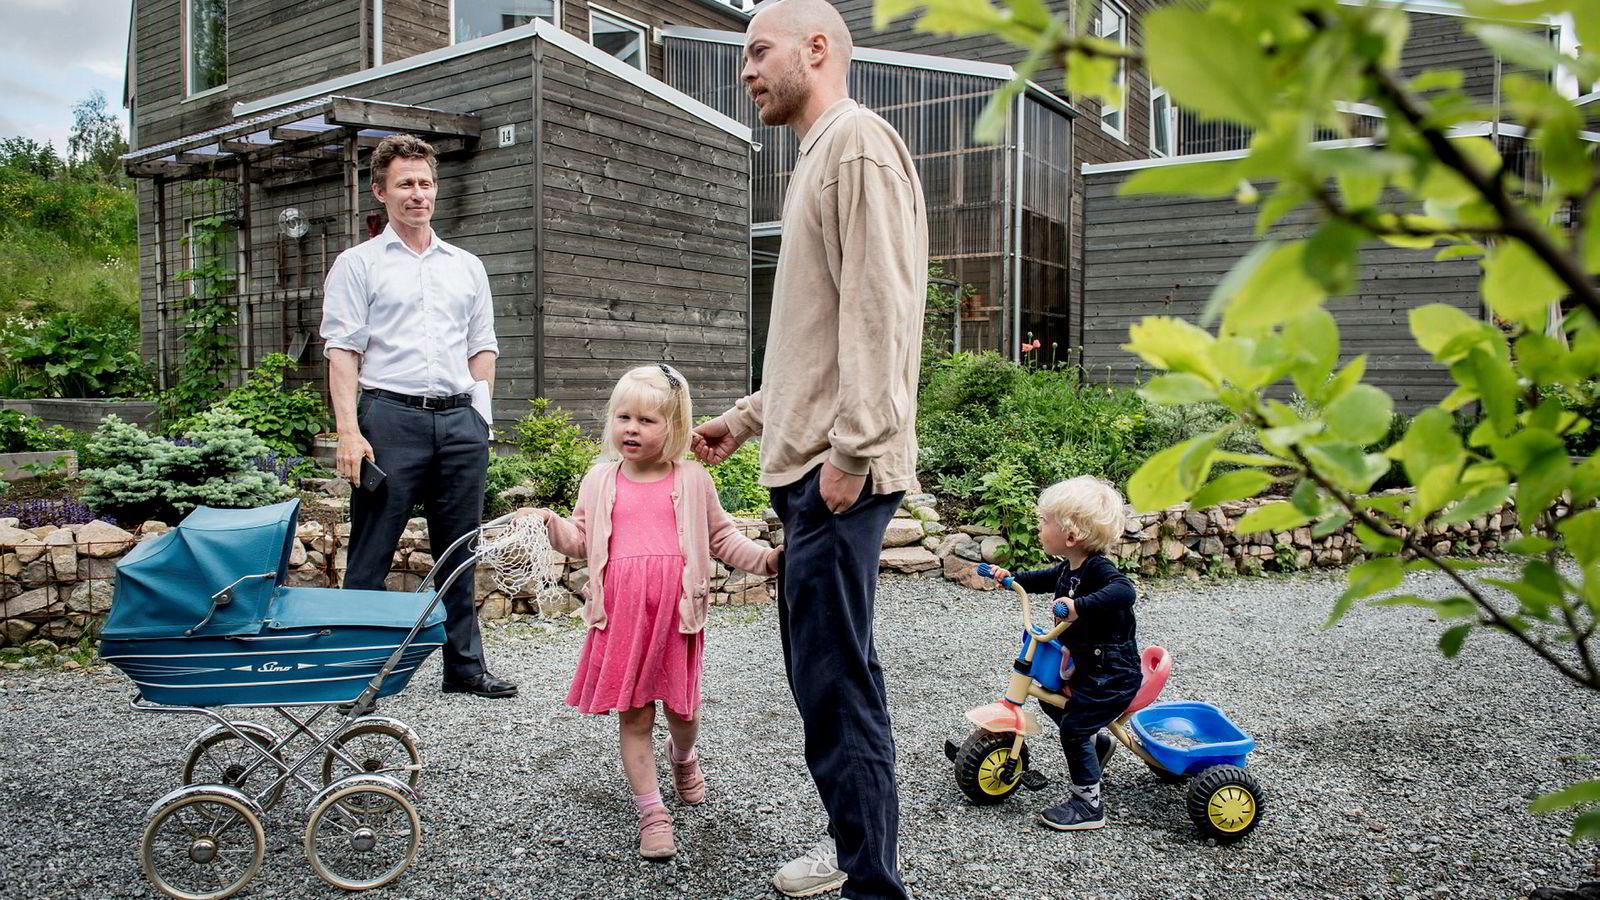 Advokat Arne Talsnes (til venstre) og naboen Bjarne Flur Kvistad er kritiske til Filago og mener mange av boenhetene har hatt mangler som utbyggerfirmaet ikke har utbedret på en tilfredsstillende måte.